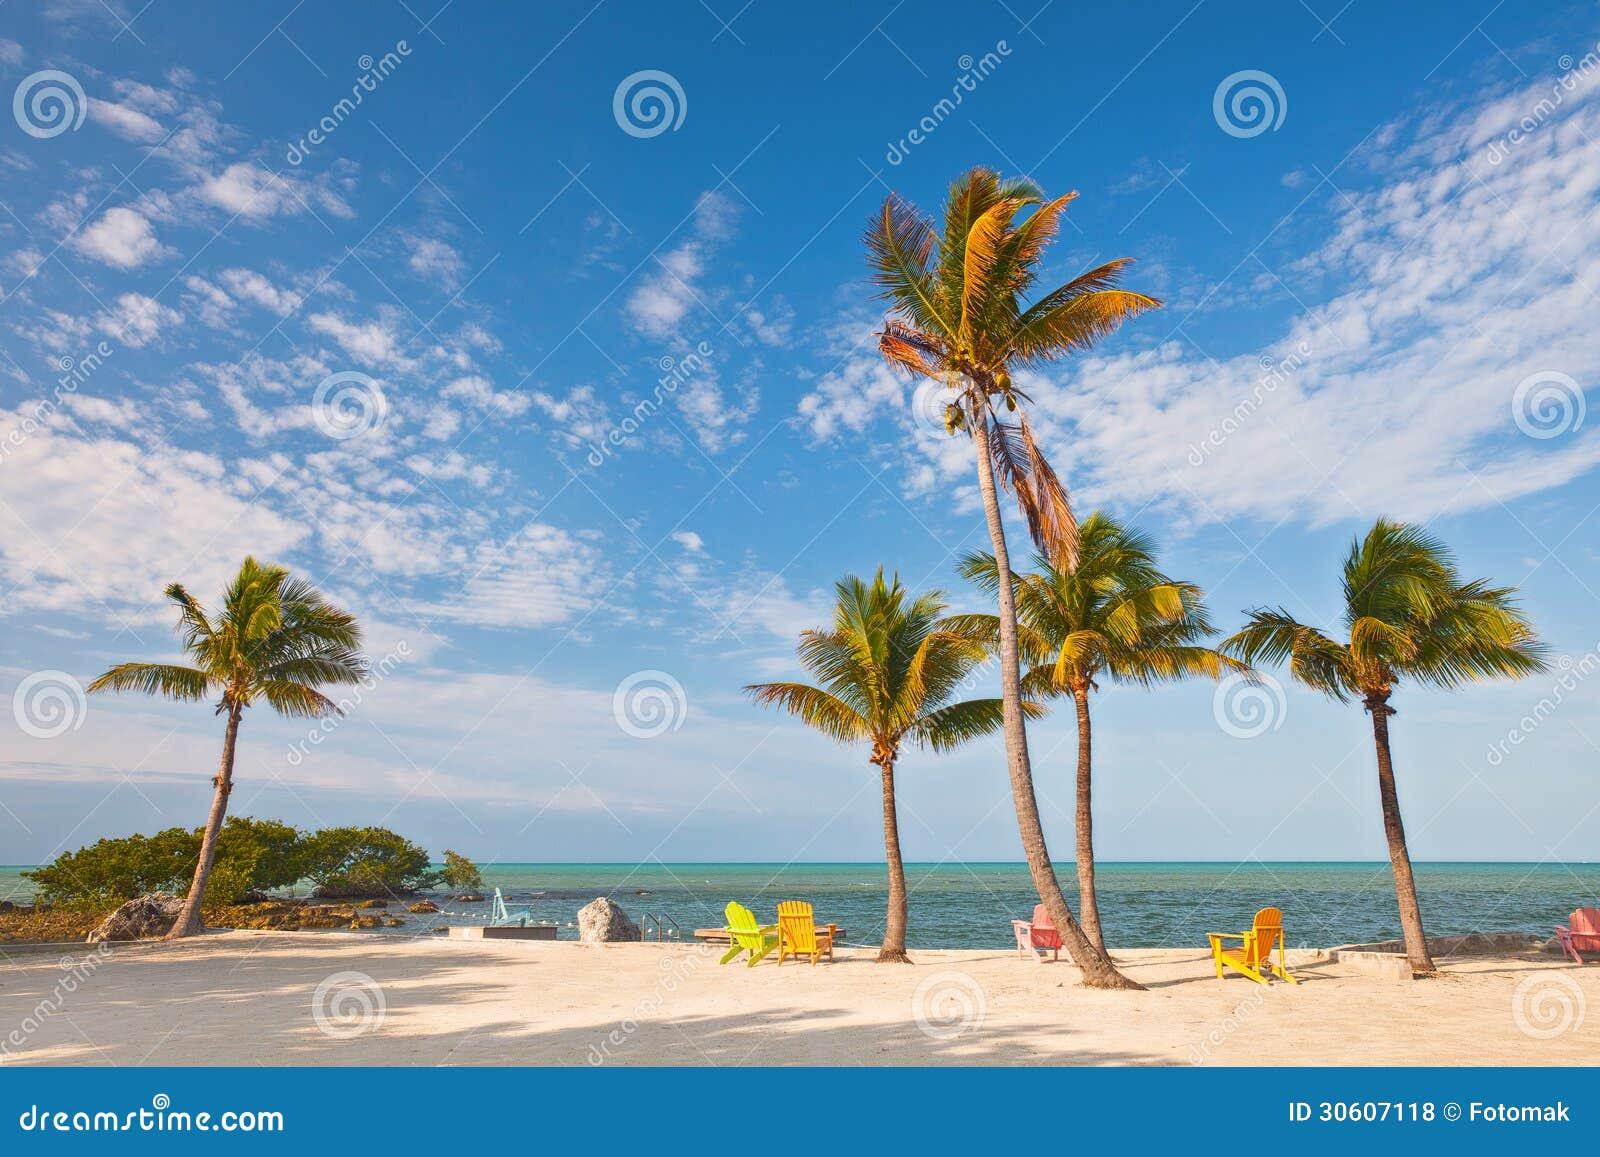 夏天与棕榈树和躺椅的海滩场面